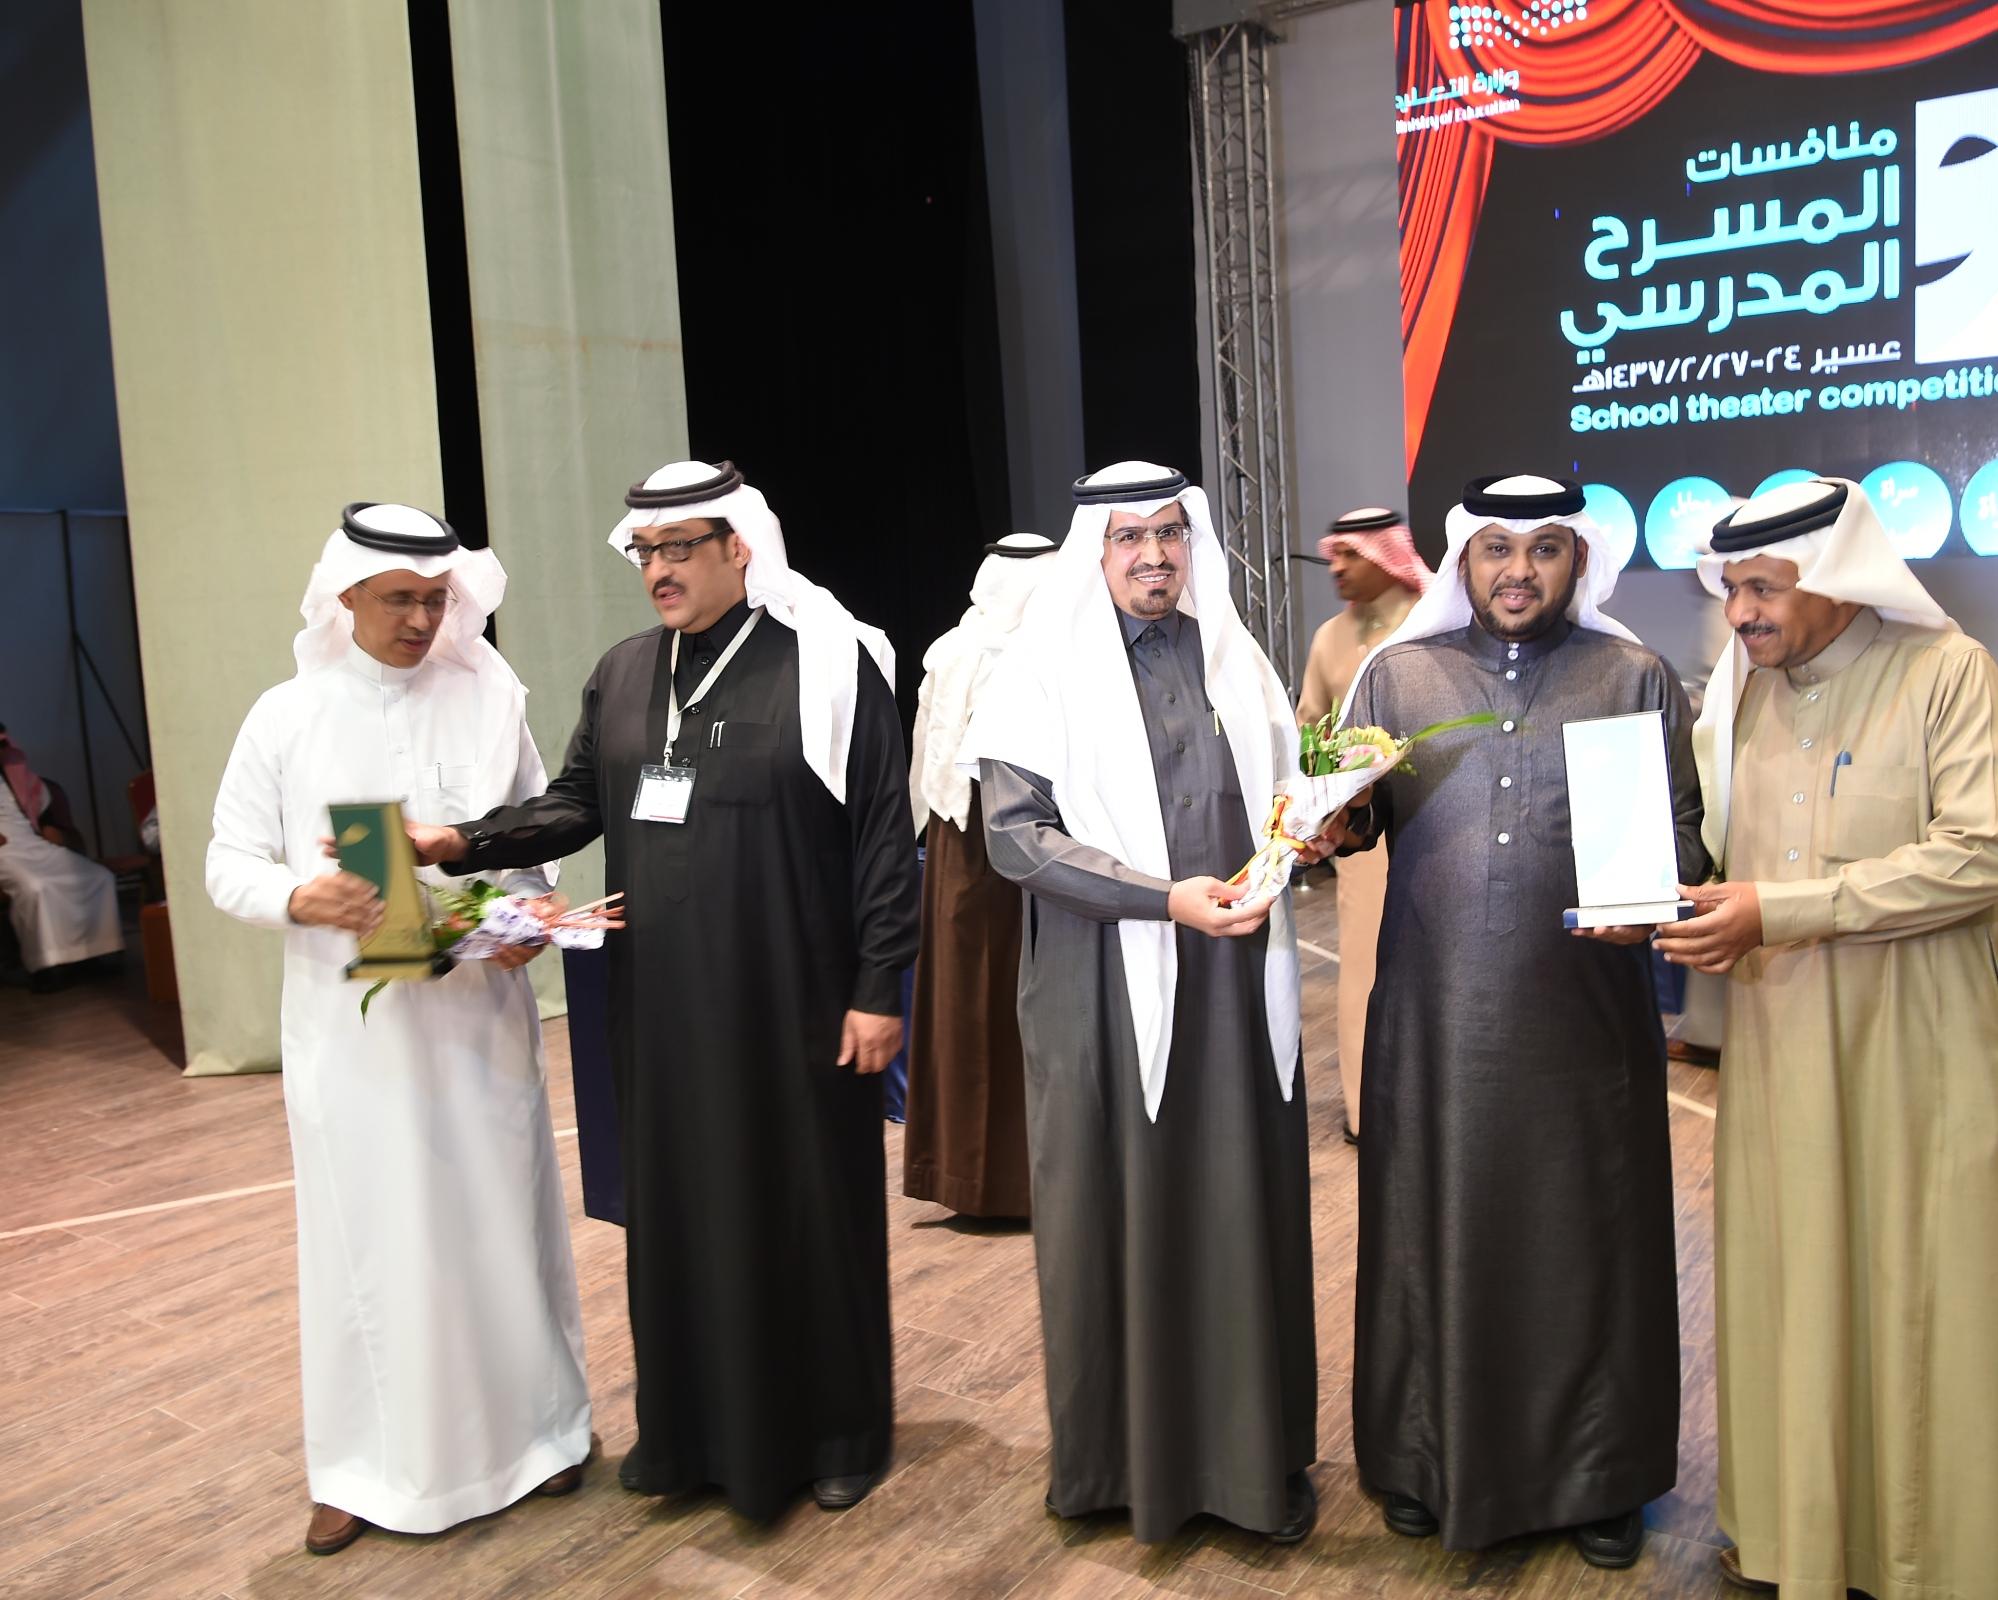 عروض مسرحية في انطلاق مهرجان المسرح المدرسي بعسير (7)